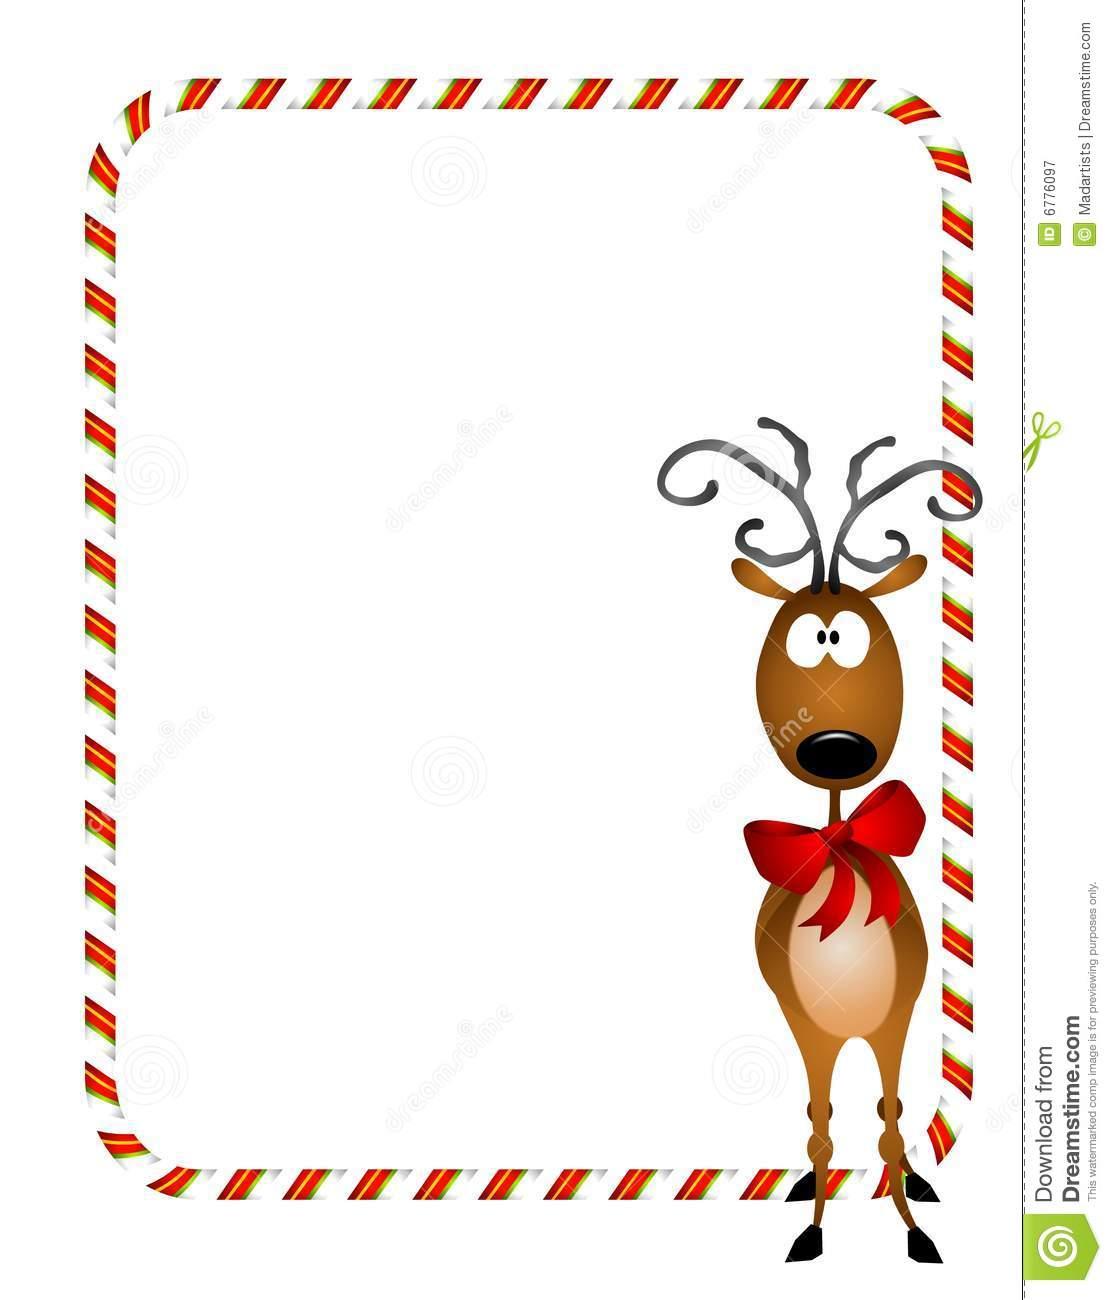 Christmas Clipart Borders Free Printable